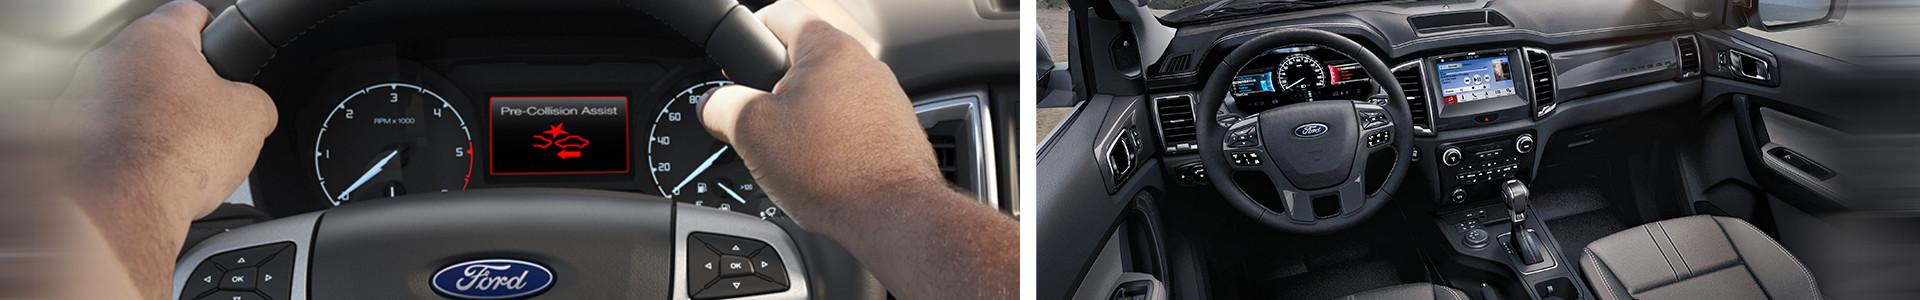 Ford Ranger dealership